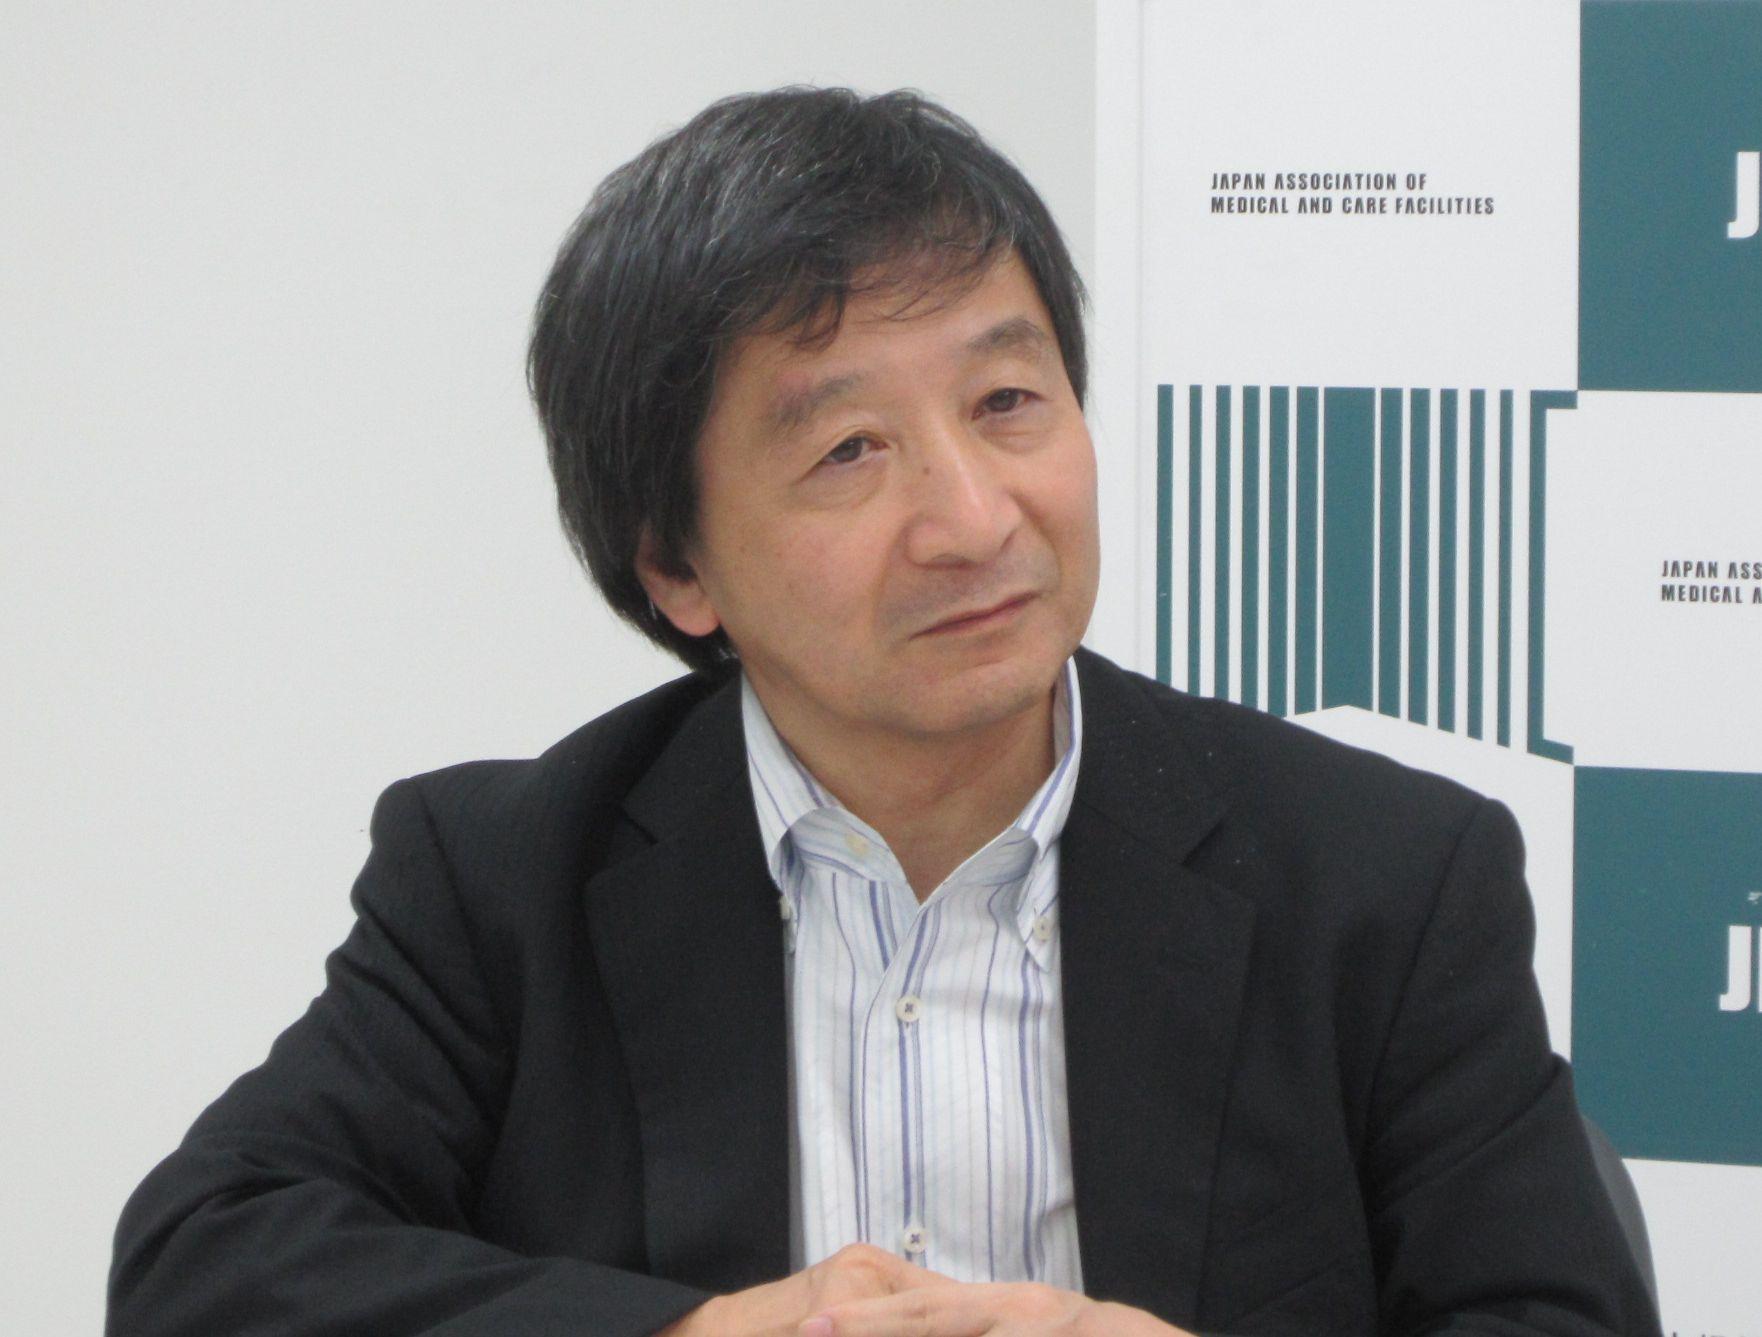 9月14日の定例記者会見に臨んだ、日本慢性期医療協会の池端幸彦副会長